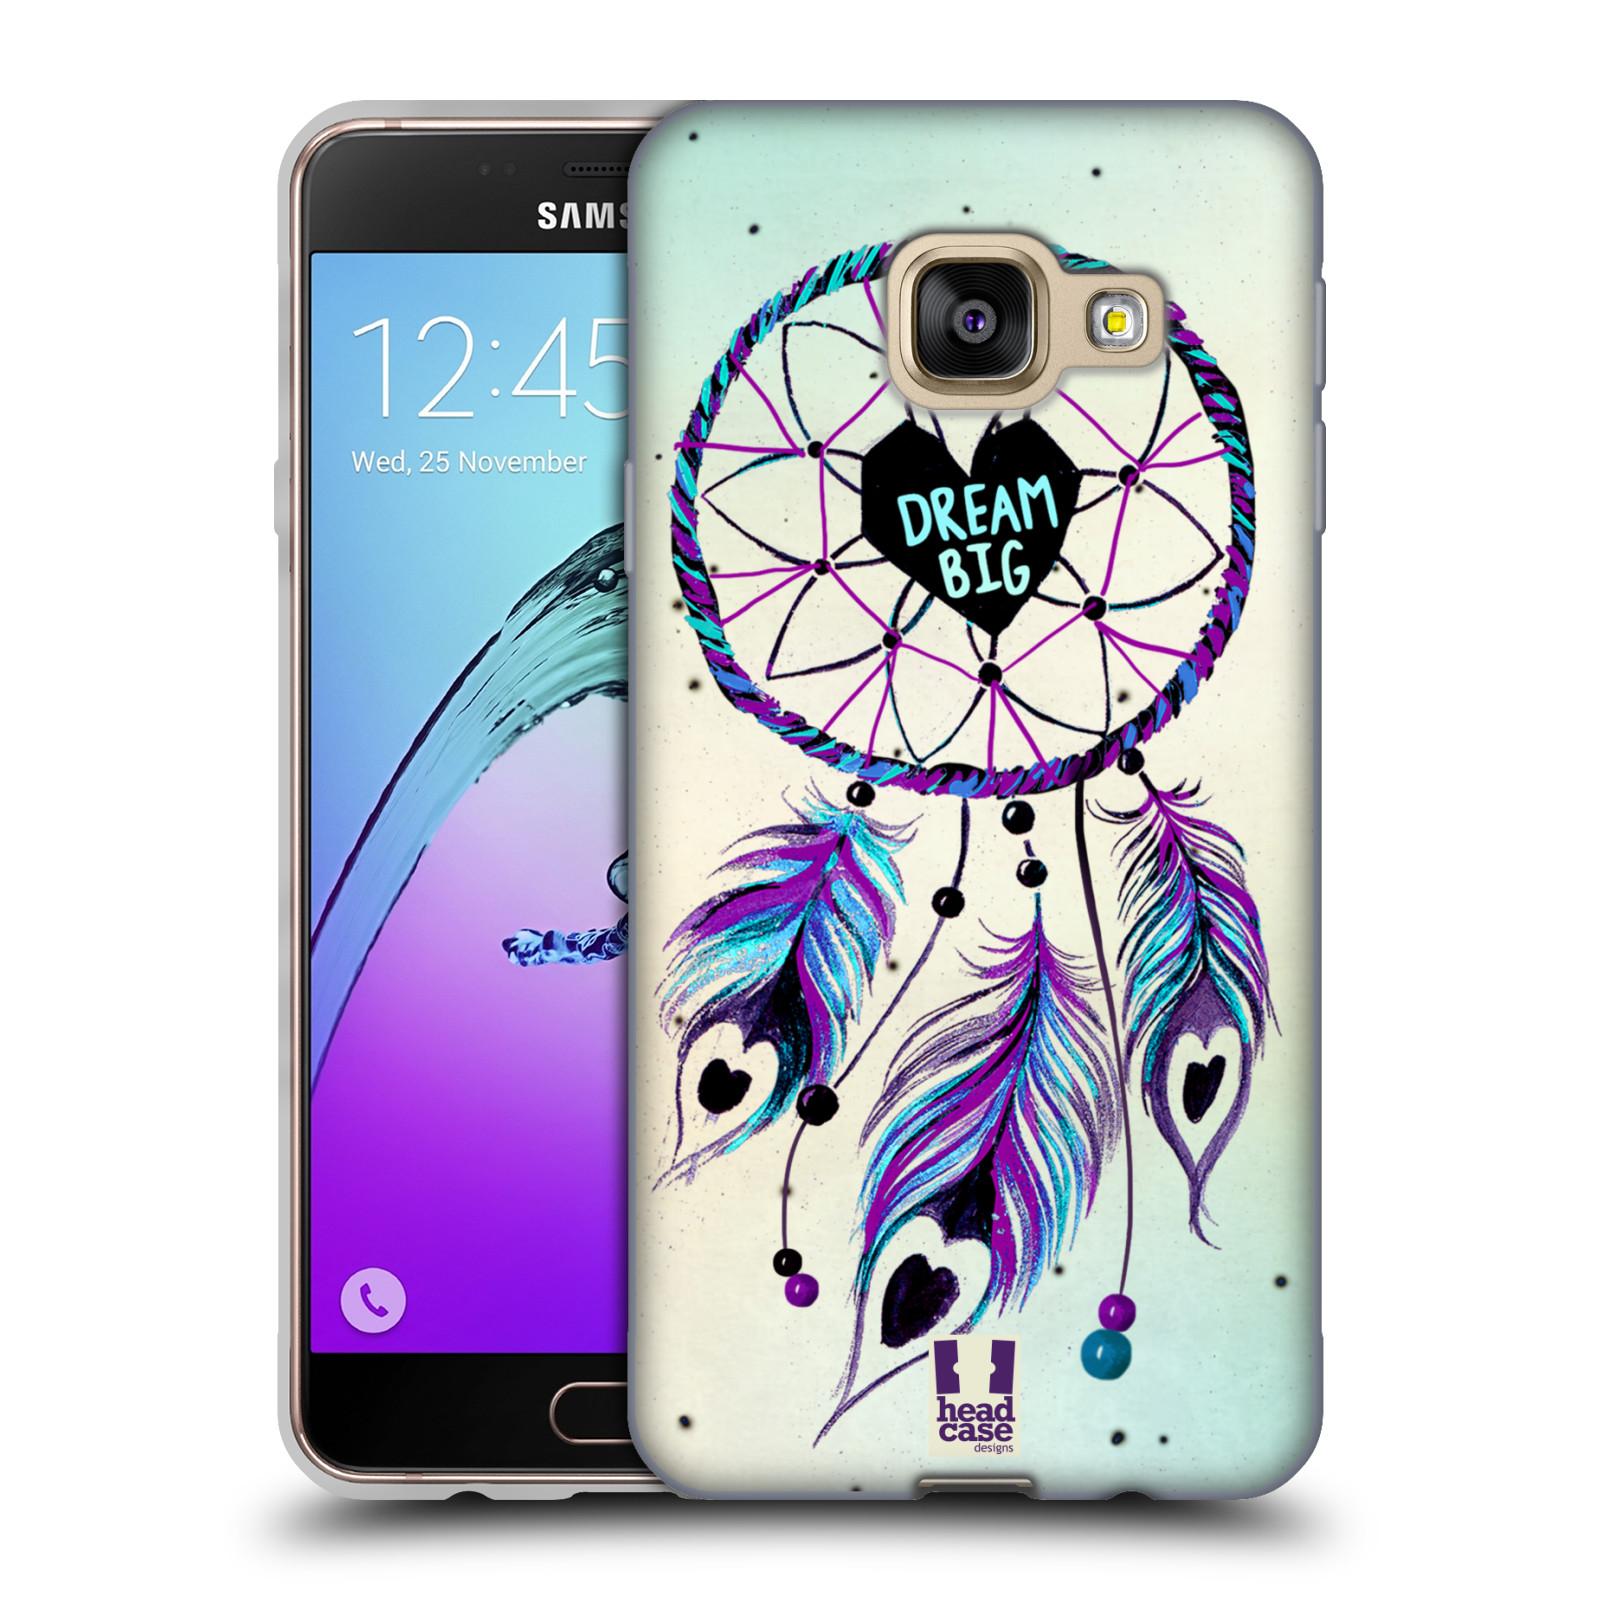 Silikonové pouzdro na mobil Samsung Galaxy A3 (2016) HEAD CASE Lapač Assorted Dream Big Srdce